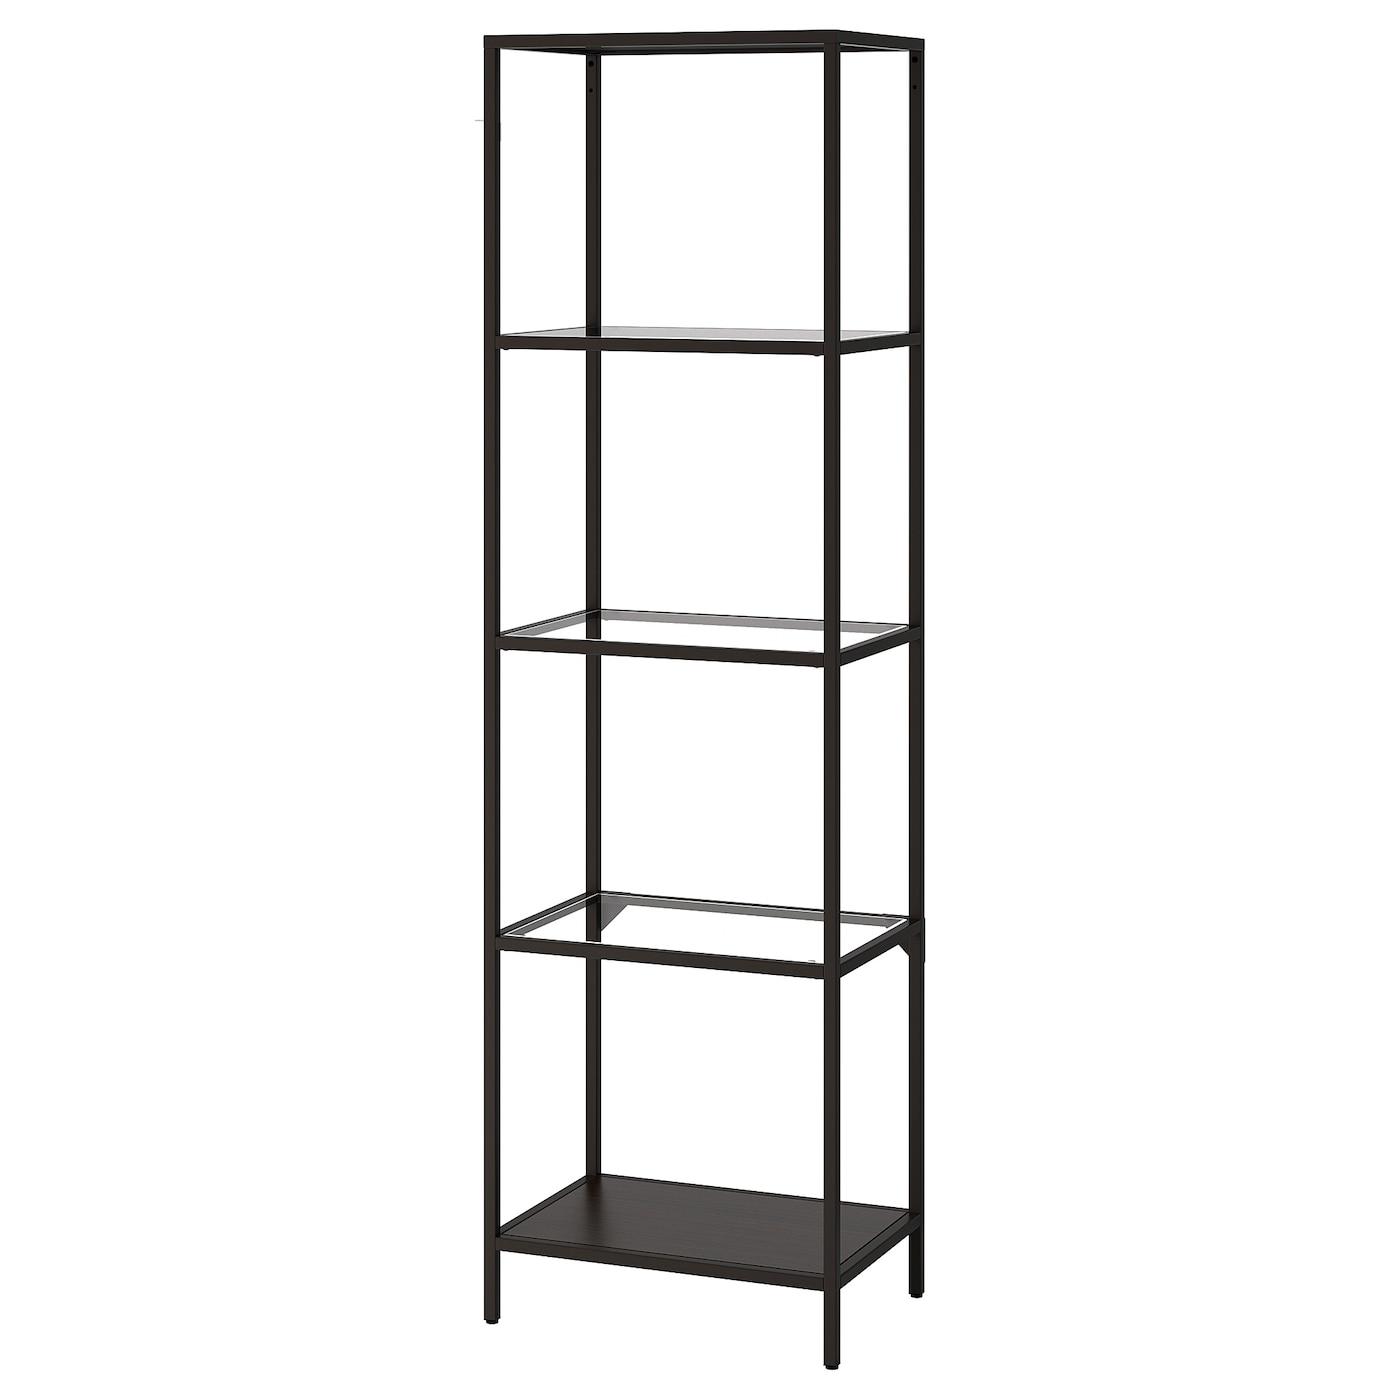 Ikea Scaffalature In Metallo.Vittsjo Scaffale Marrone Nero Vetro